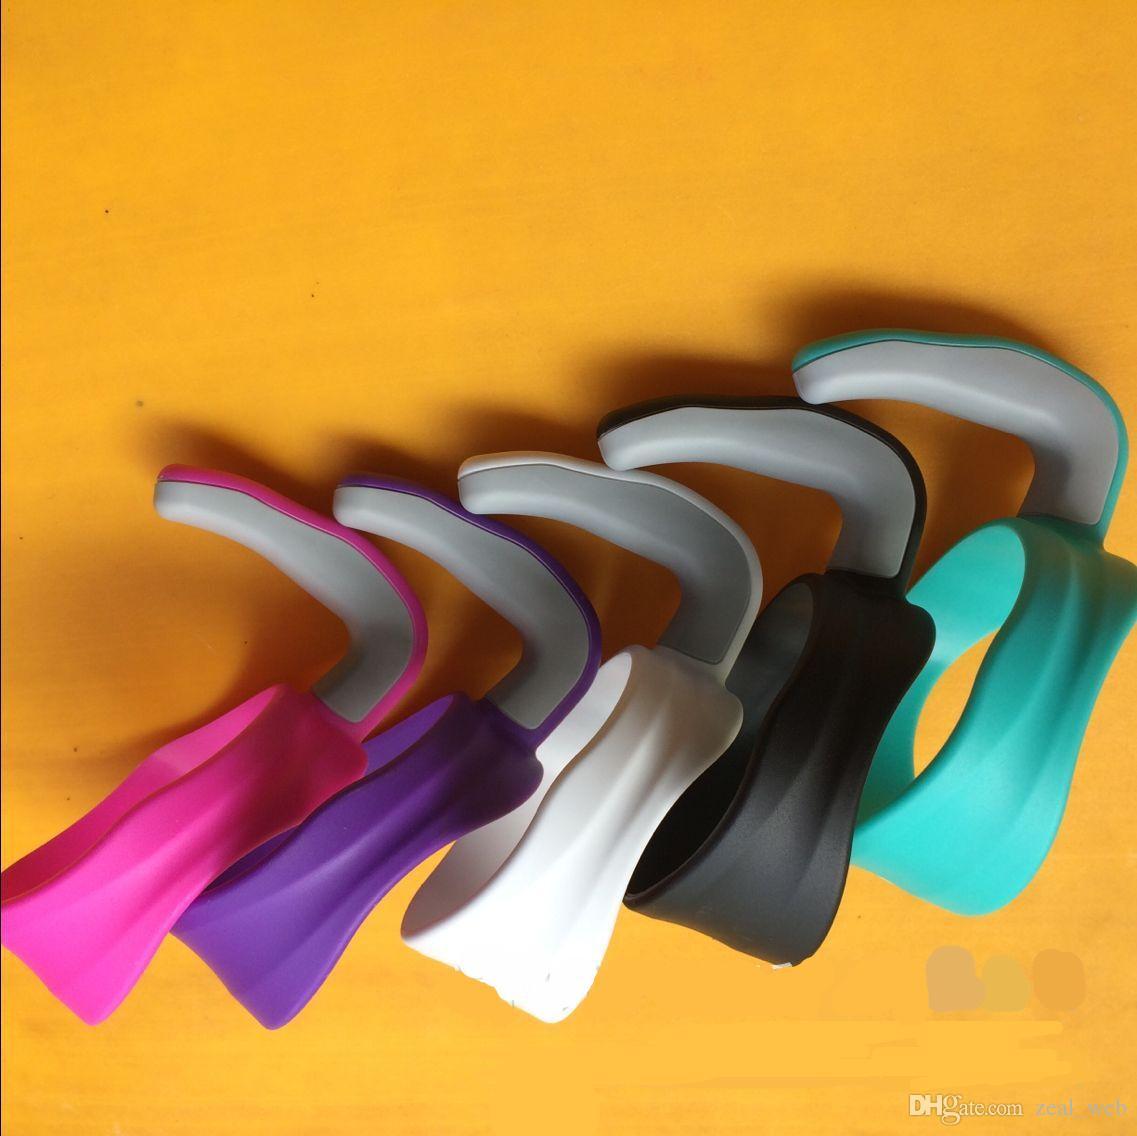 مقبض جديد لشرب 30 أوقية من الفولاذ المقاوم للصدأ 5 أكواب من النوع اللين قبضة ناعمة لـ 30 أوقية بهلوان